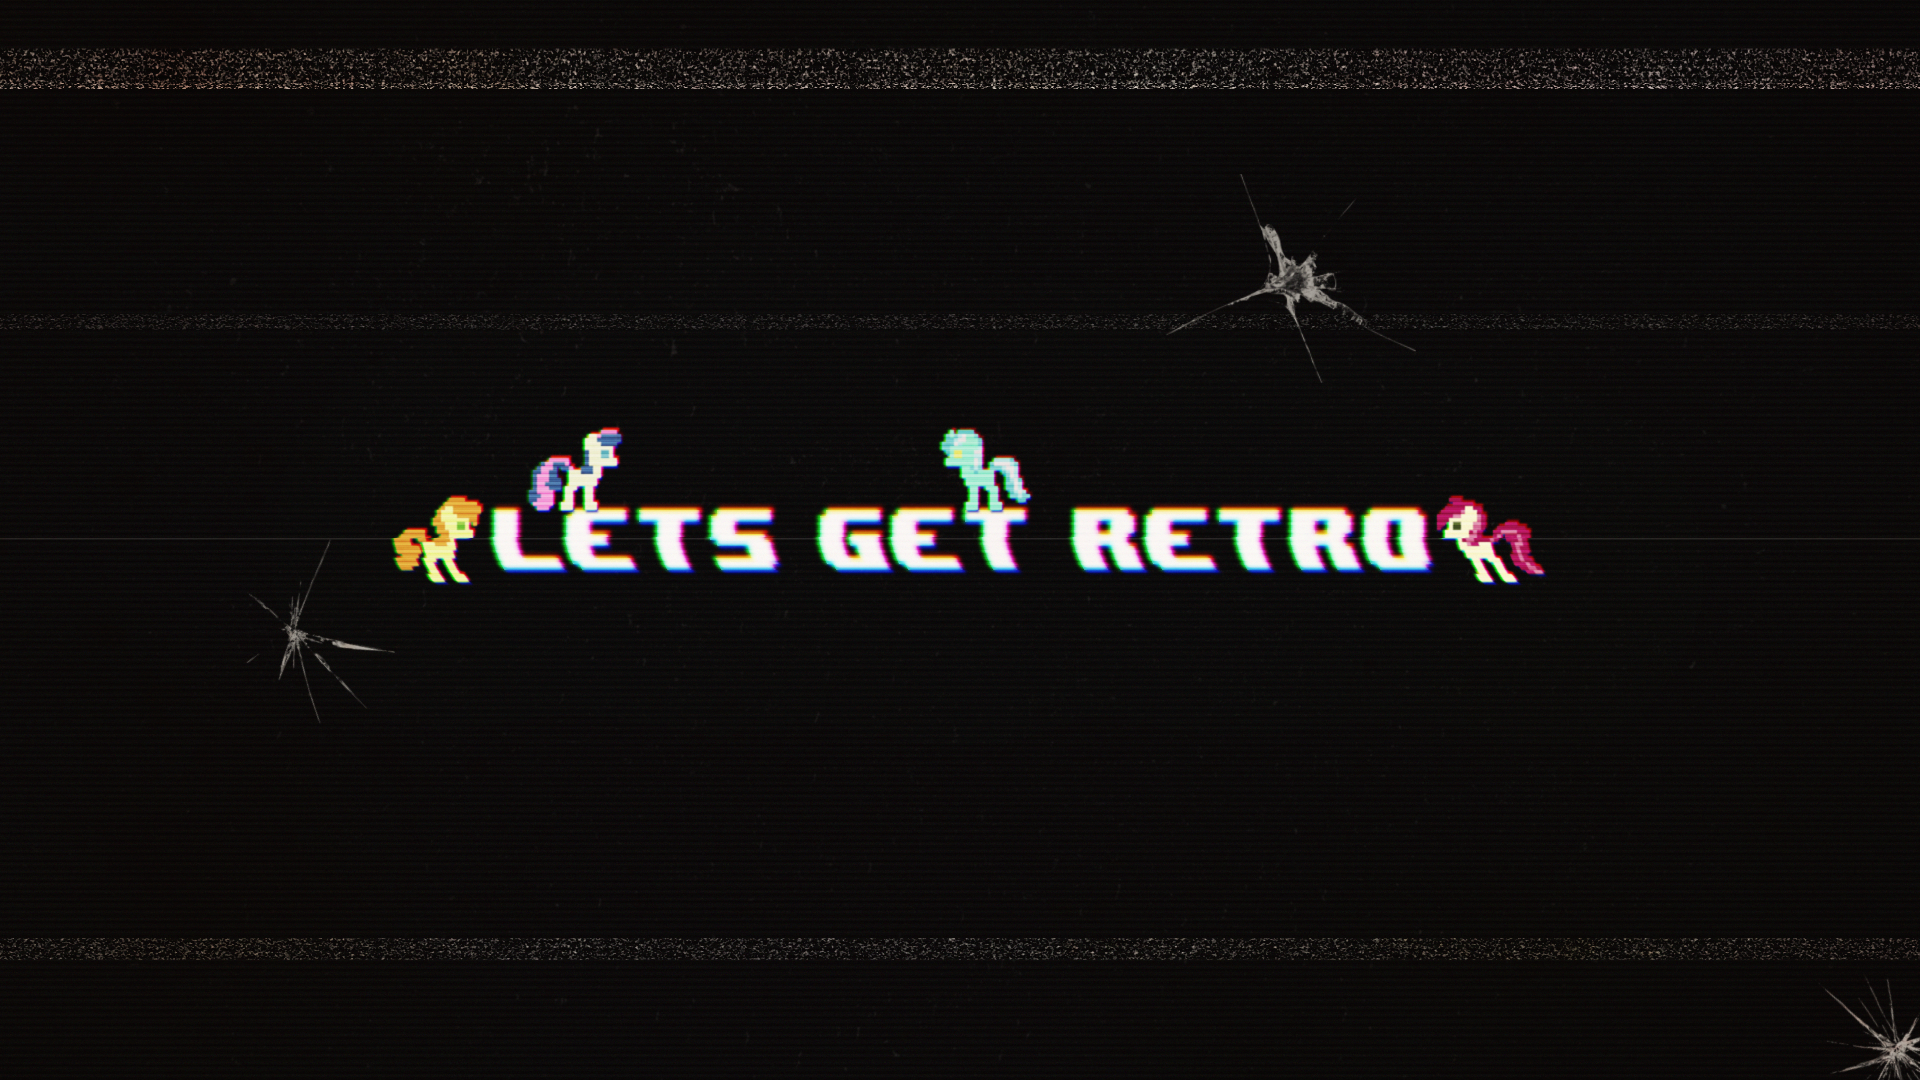 Lets Get Retro by Episkopi